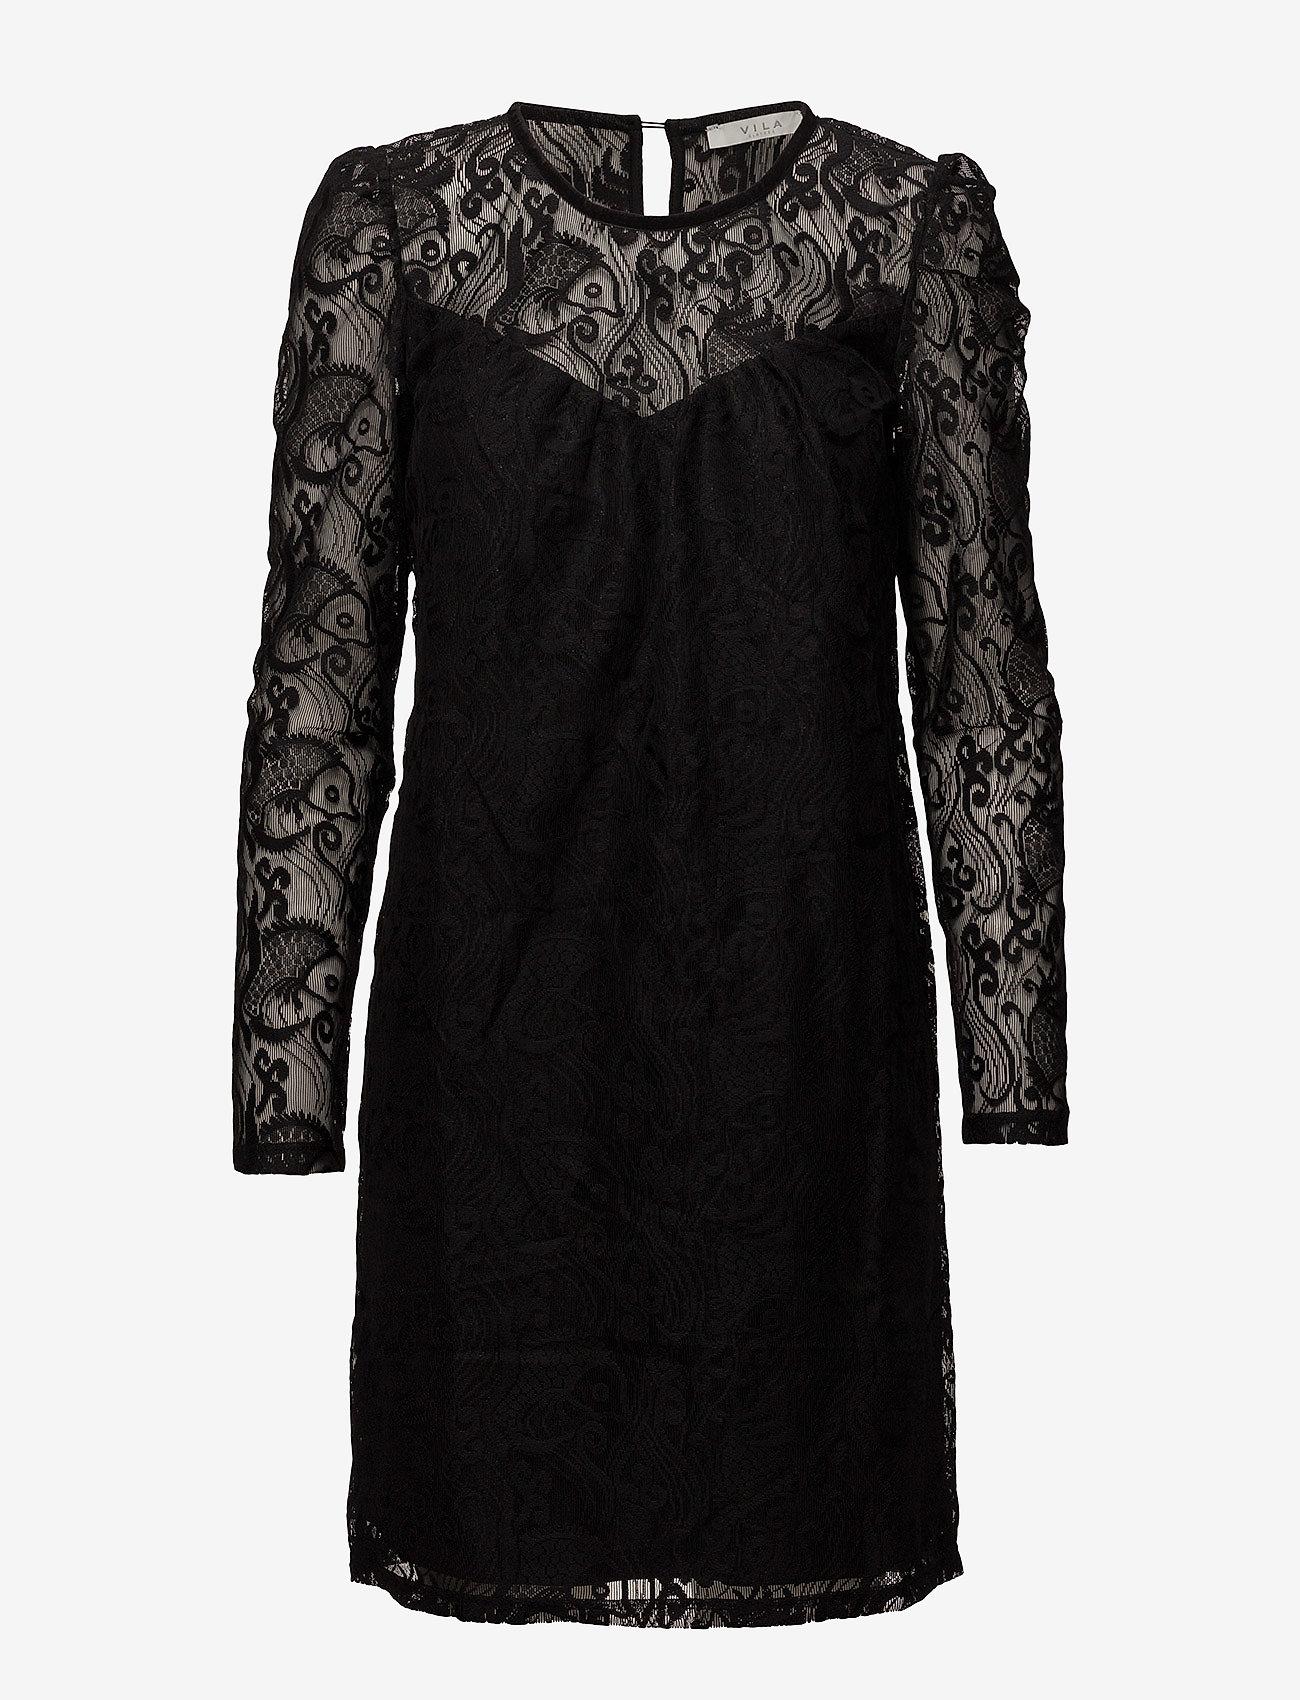 Vila - VITELL DRESS - short dresses - black - 0